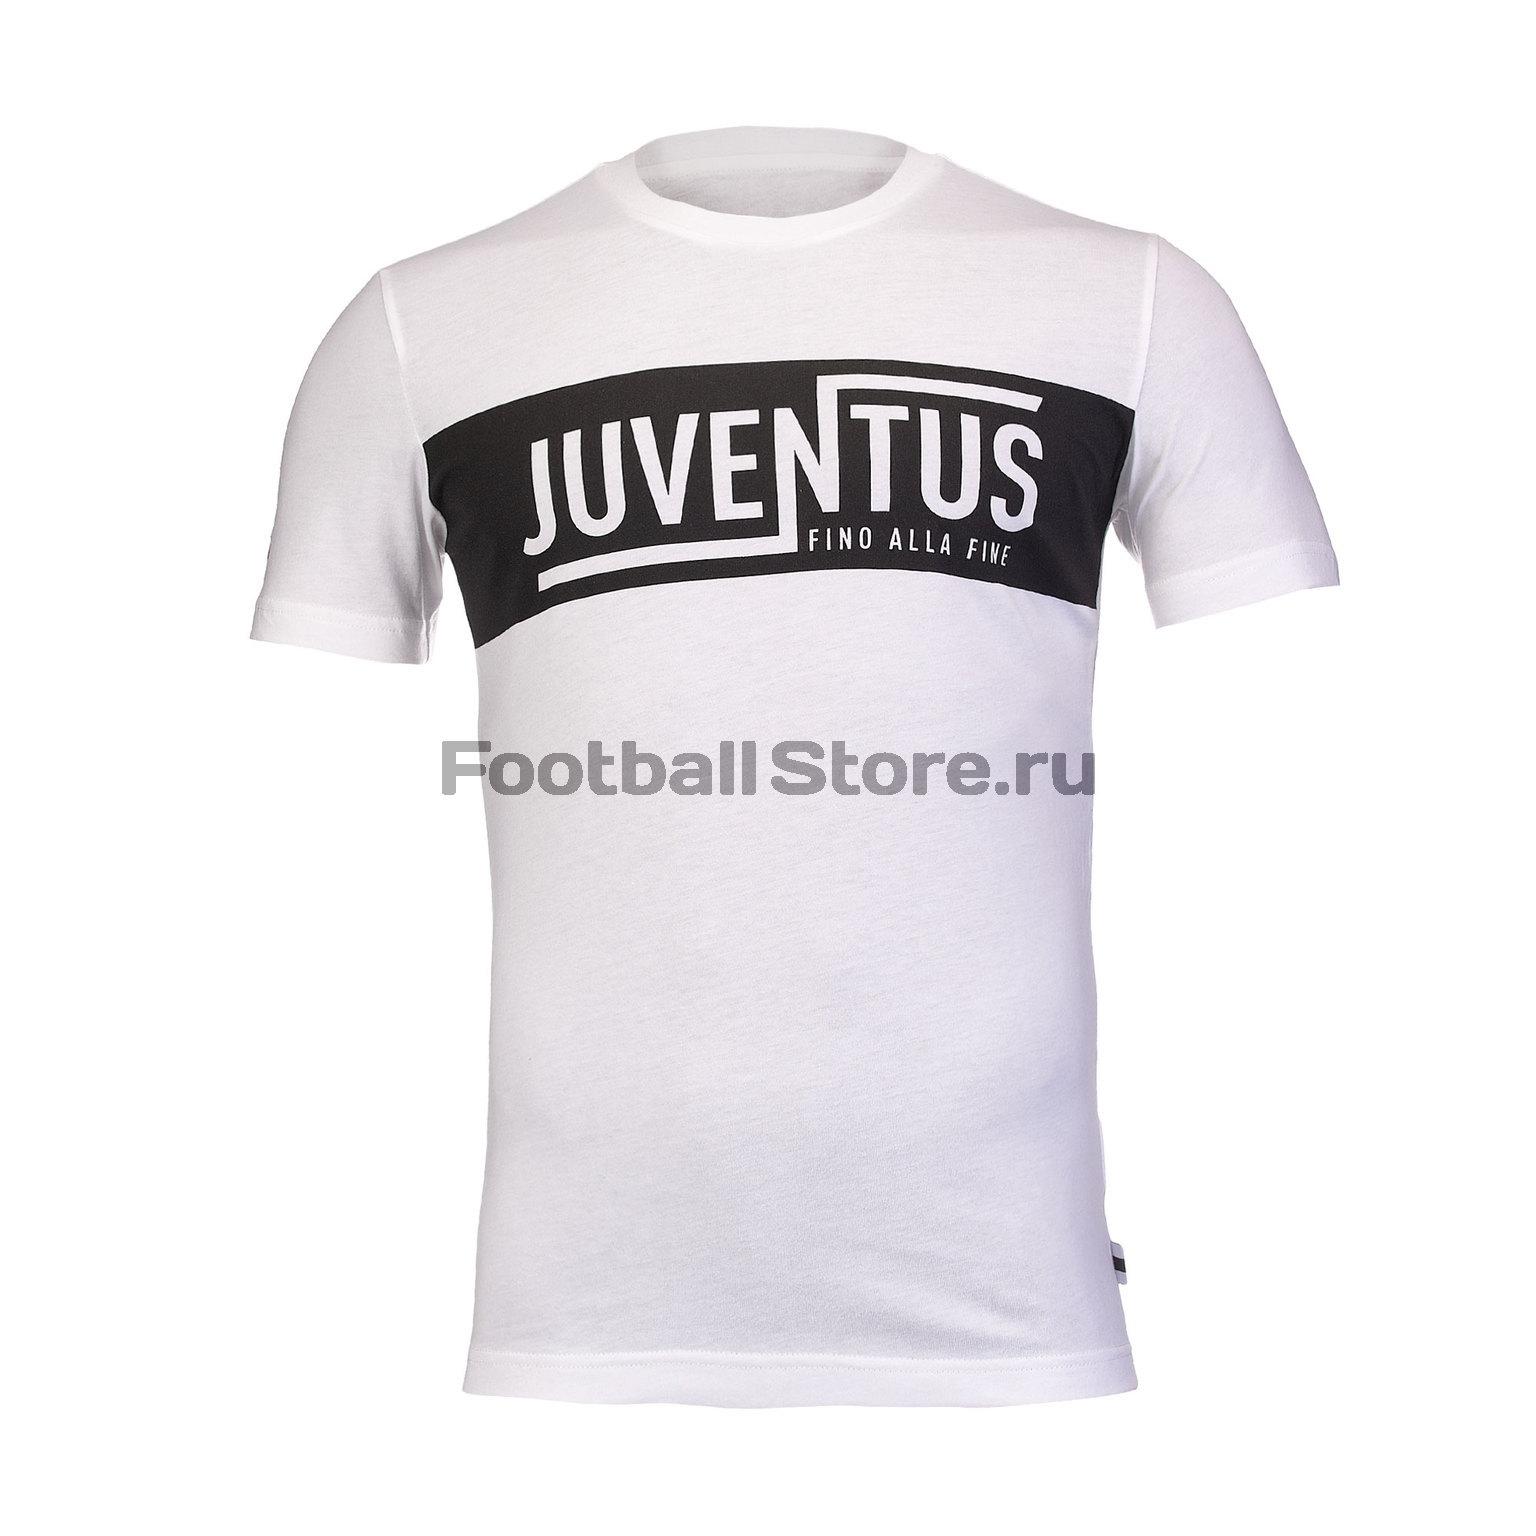 Футболка хлопковая Adidas Juventus Tee DX9207 футболка adidas con16 tee an9880